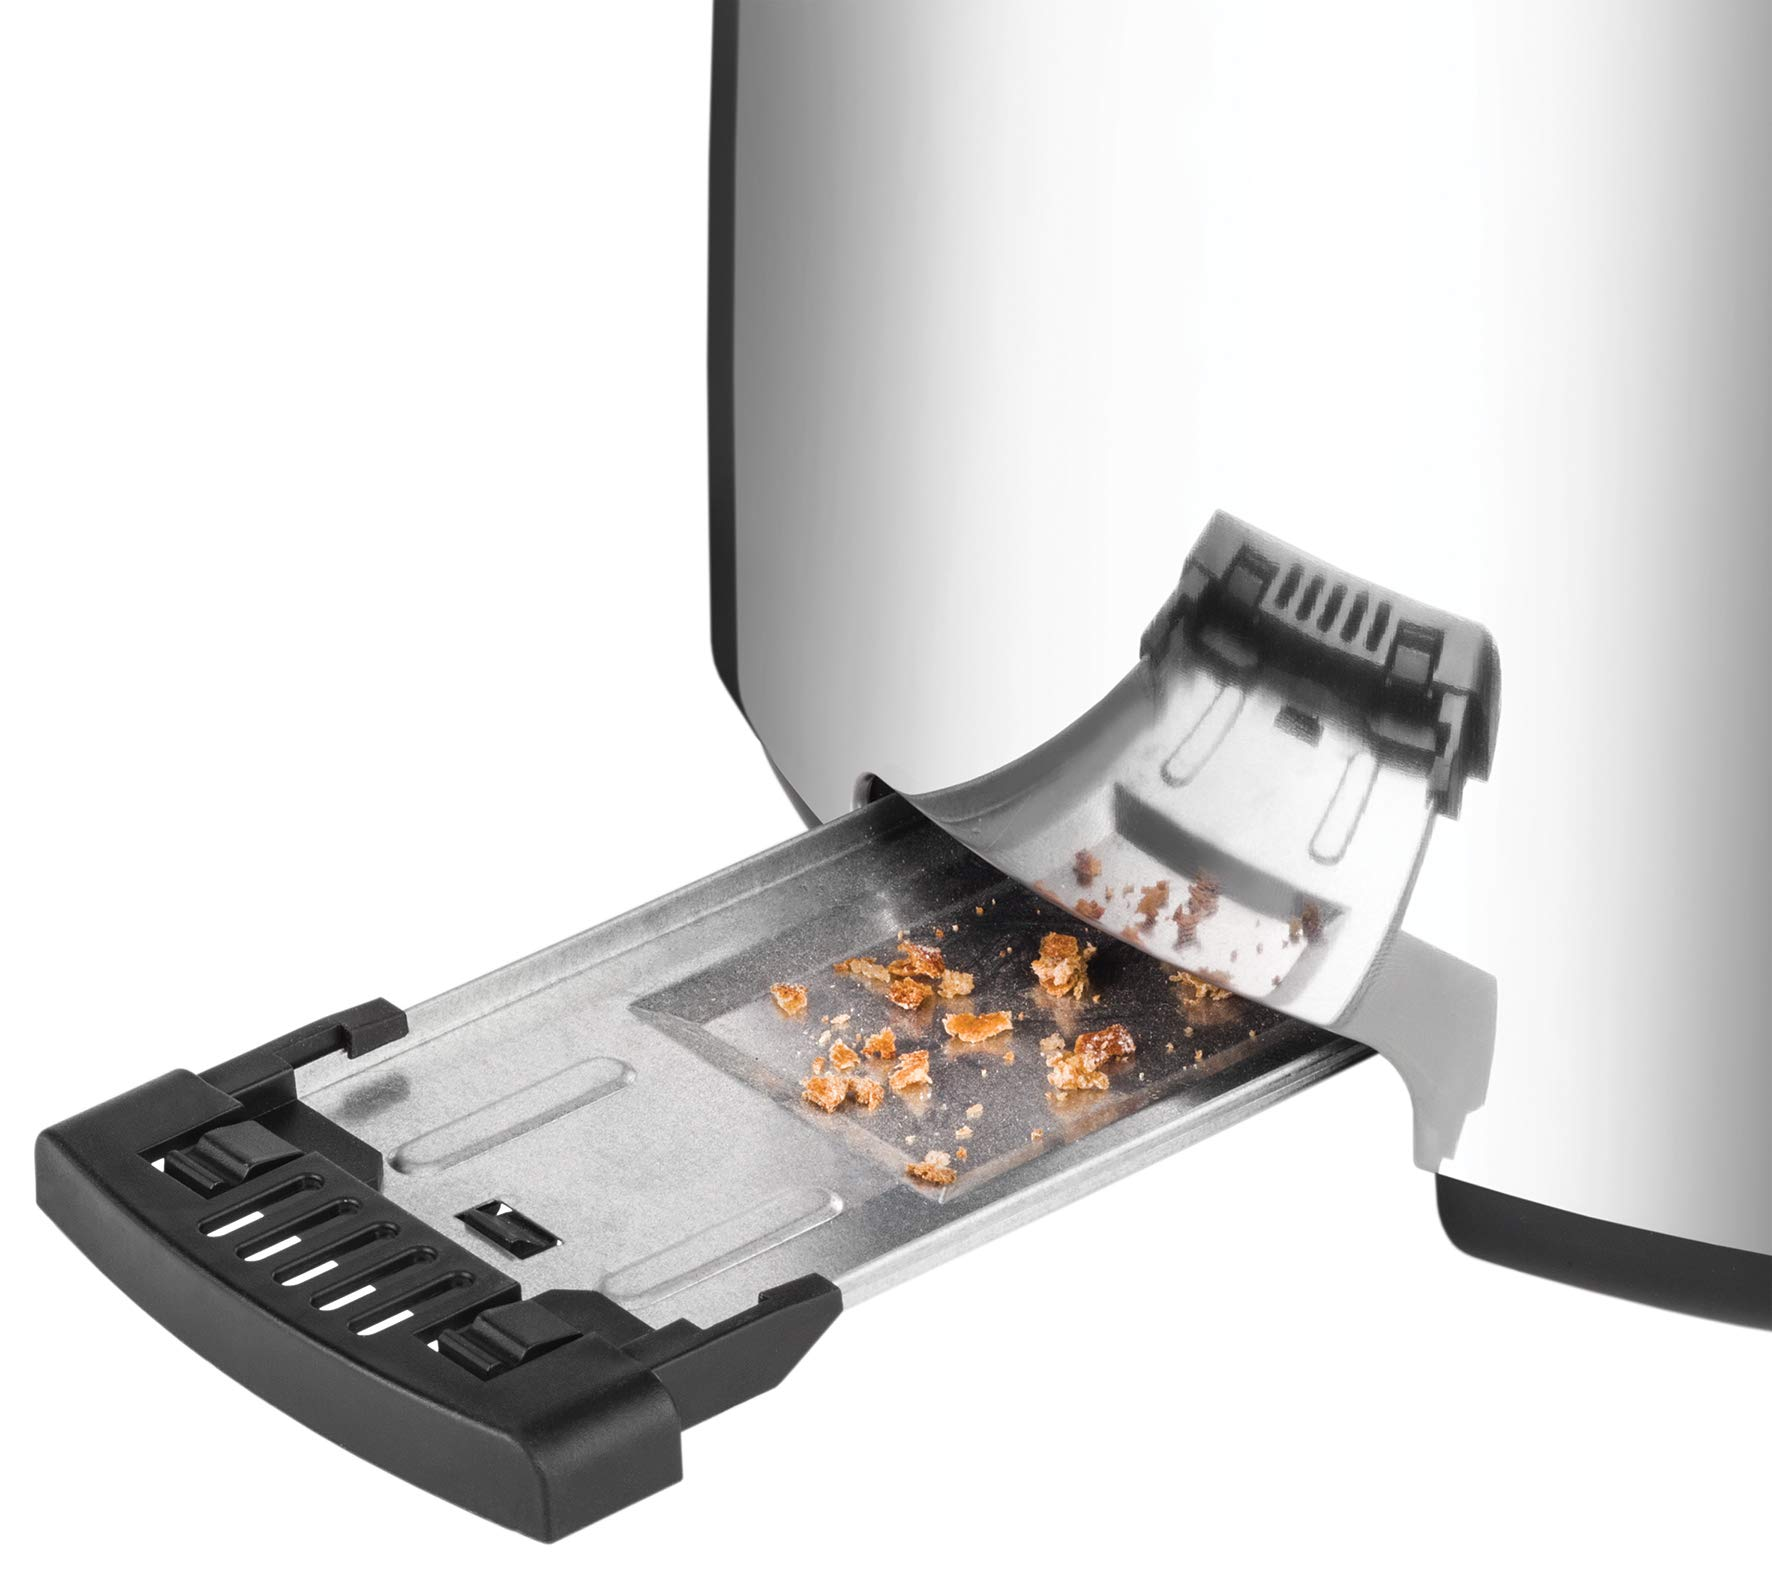 Unold-38366-Toaster-4er-Retro-1500-W-2-Scheiben-Doppel-Langschlitz-Toaster-Edelstahl-4-Funktionen-7-Rstgrade-entnehmbare-Krmelschublade-mit-abnehmbarem-Brtchenaufsatz